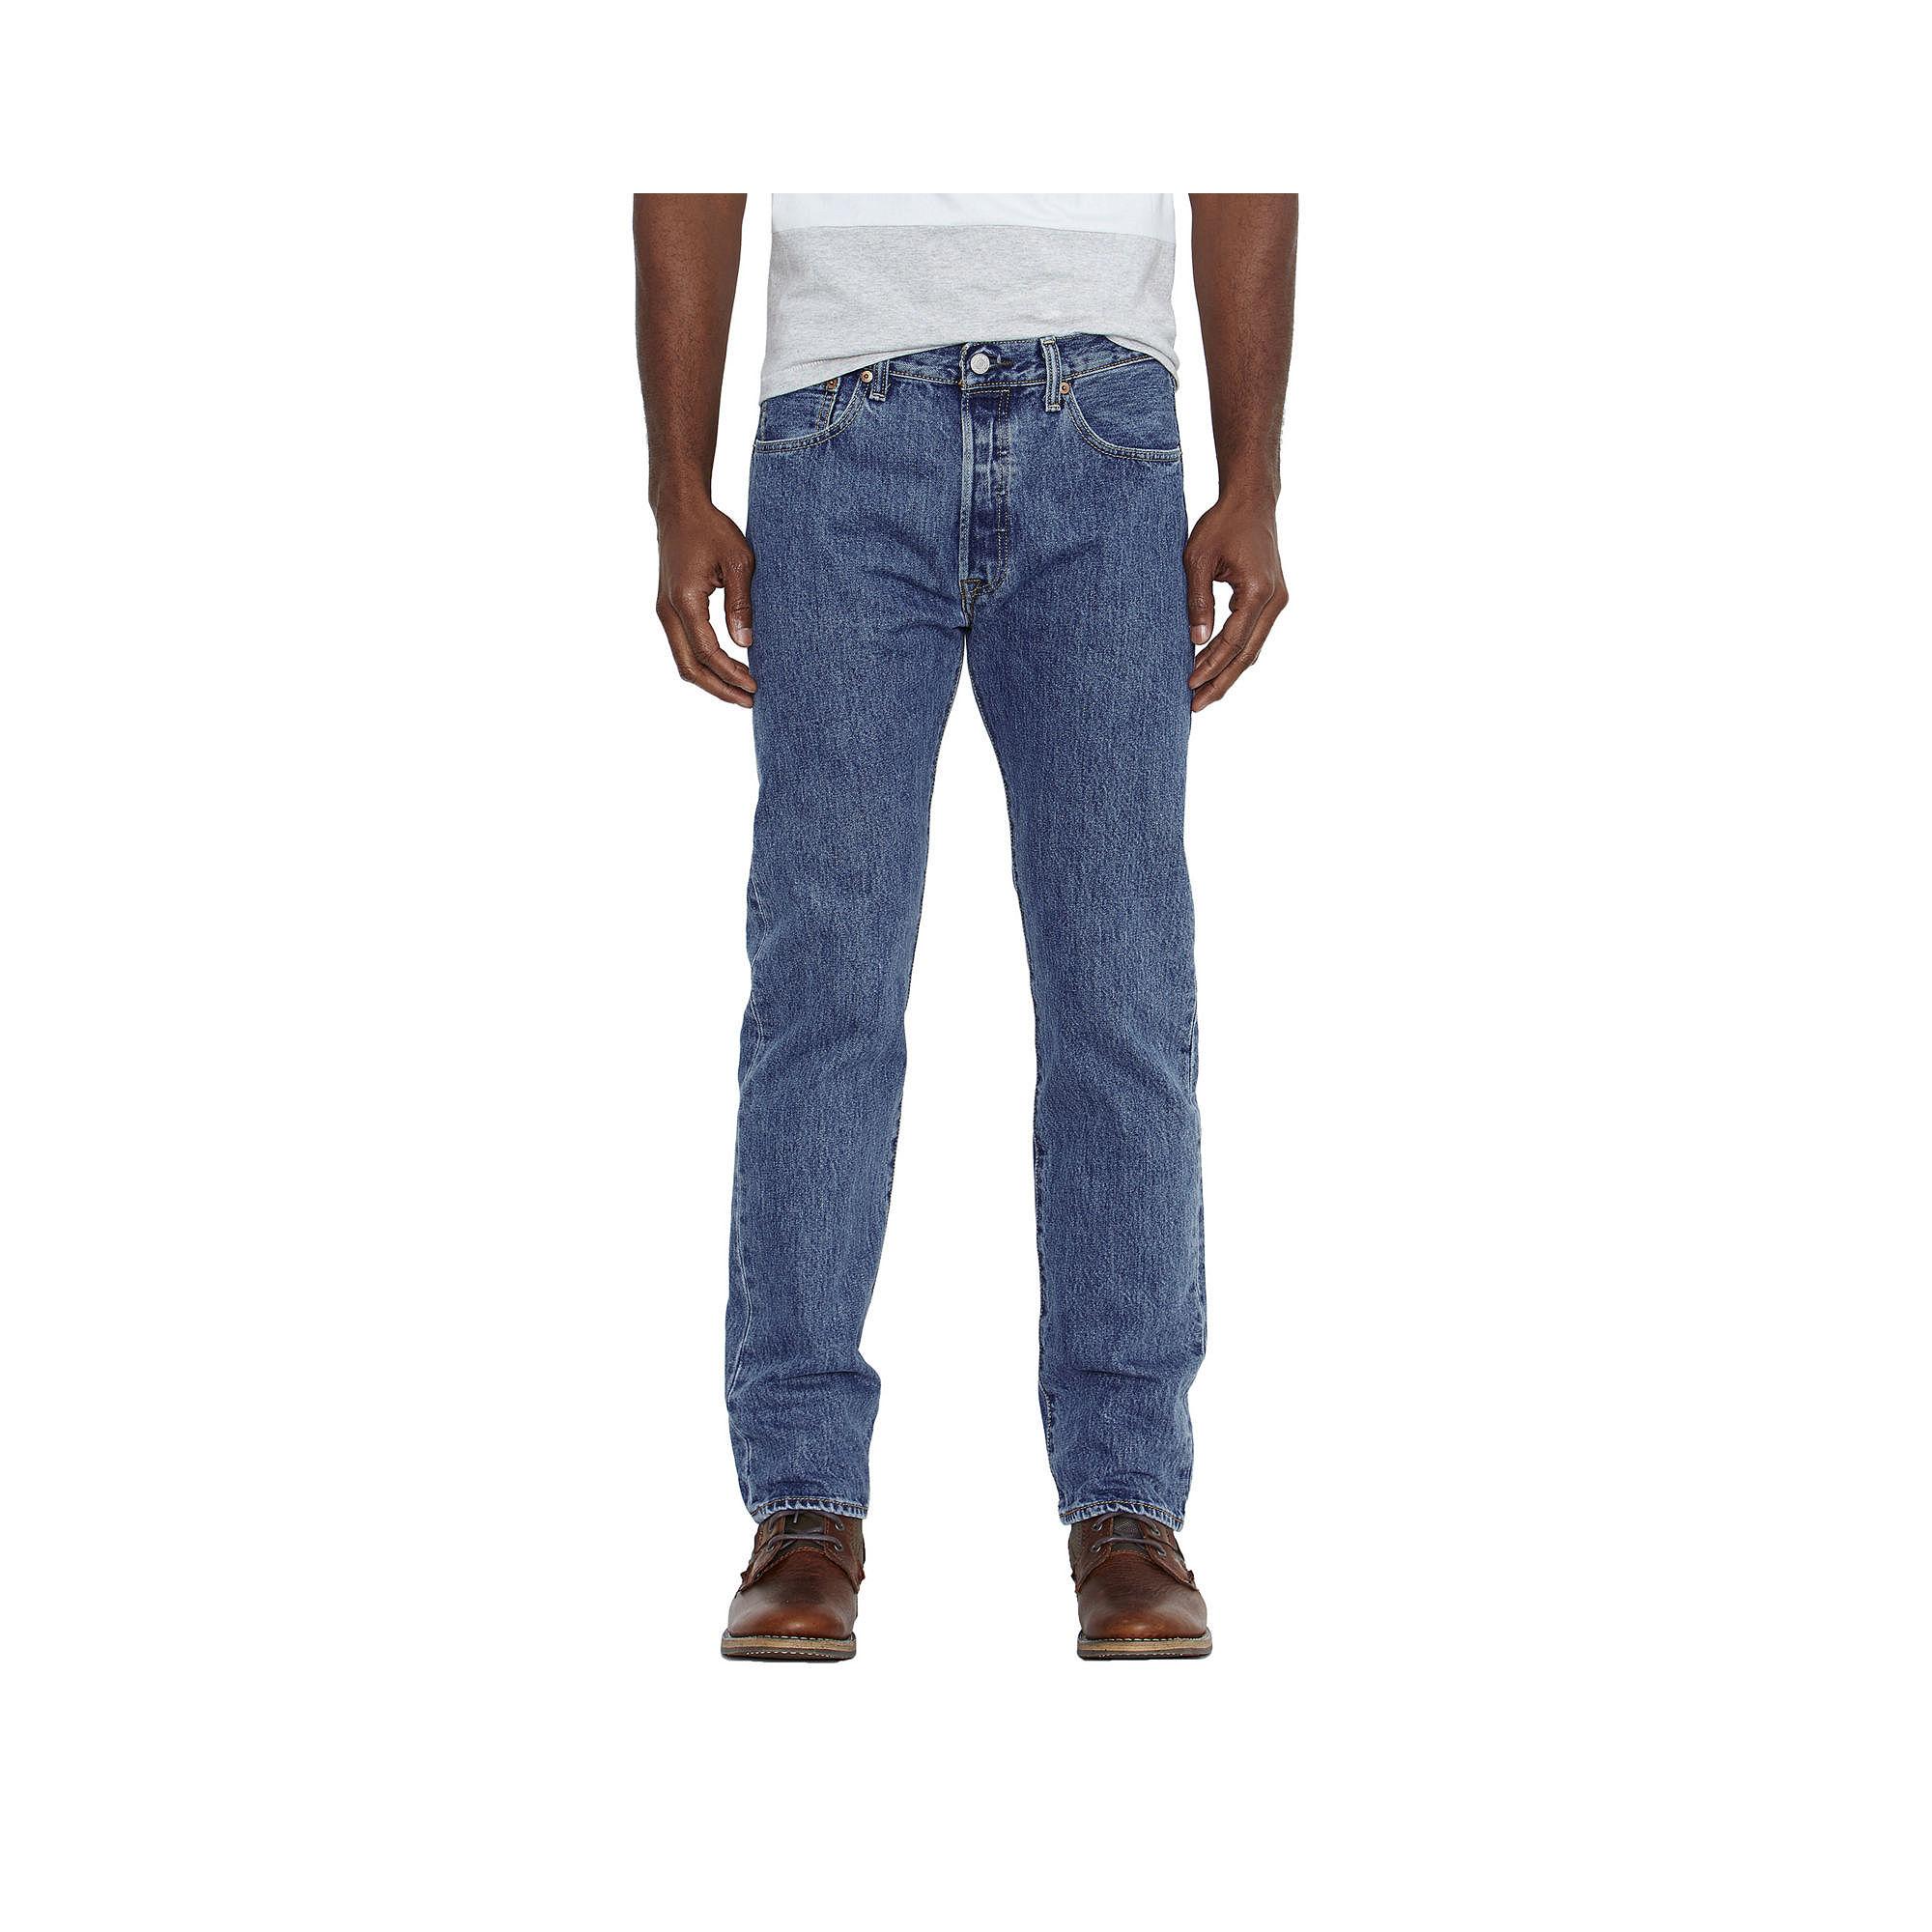 Levi's Men's 501 Original Fit Jeans Stonewash 28